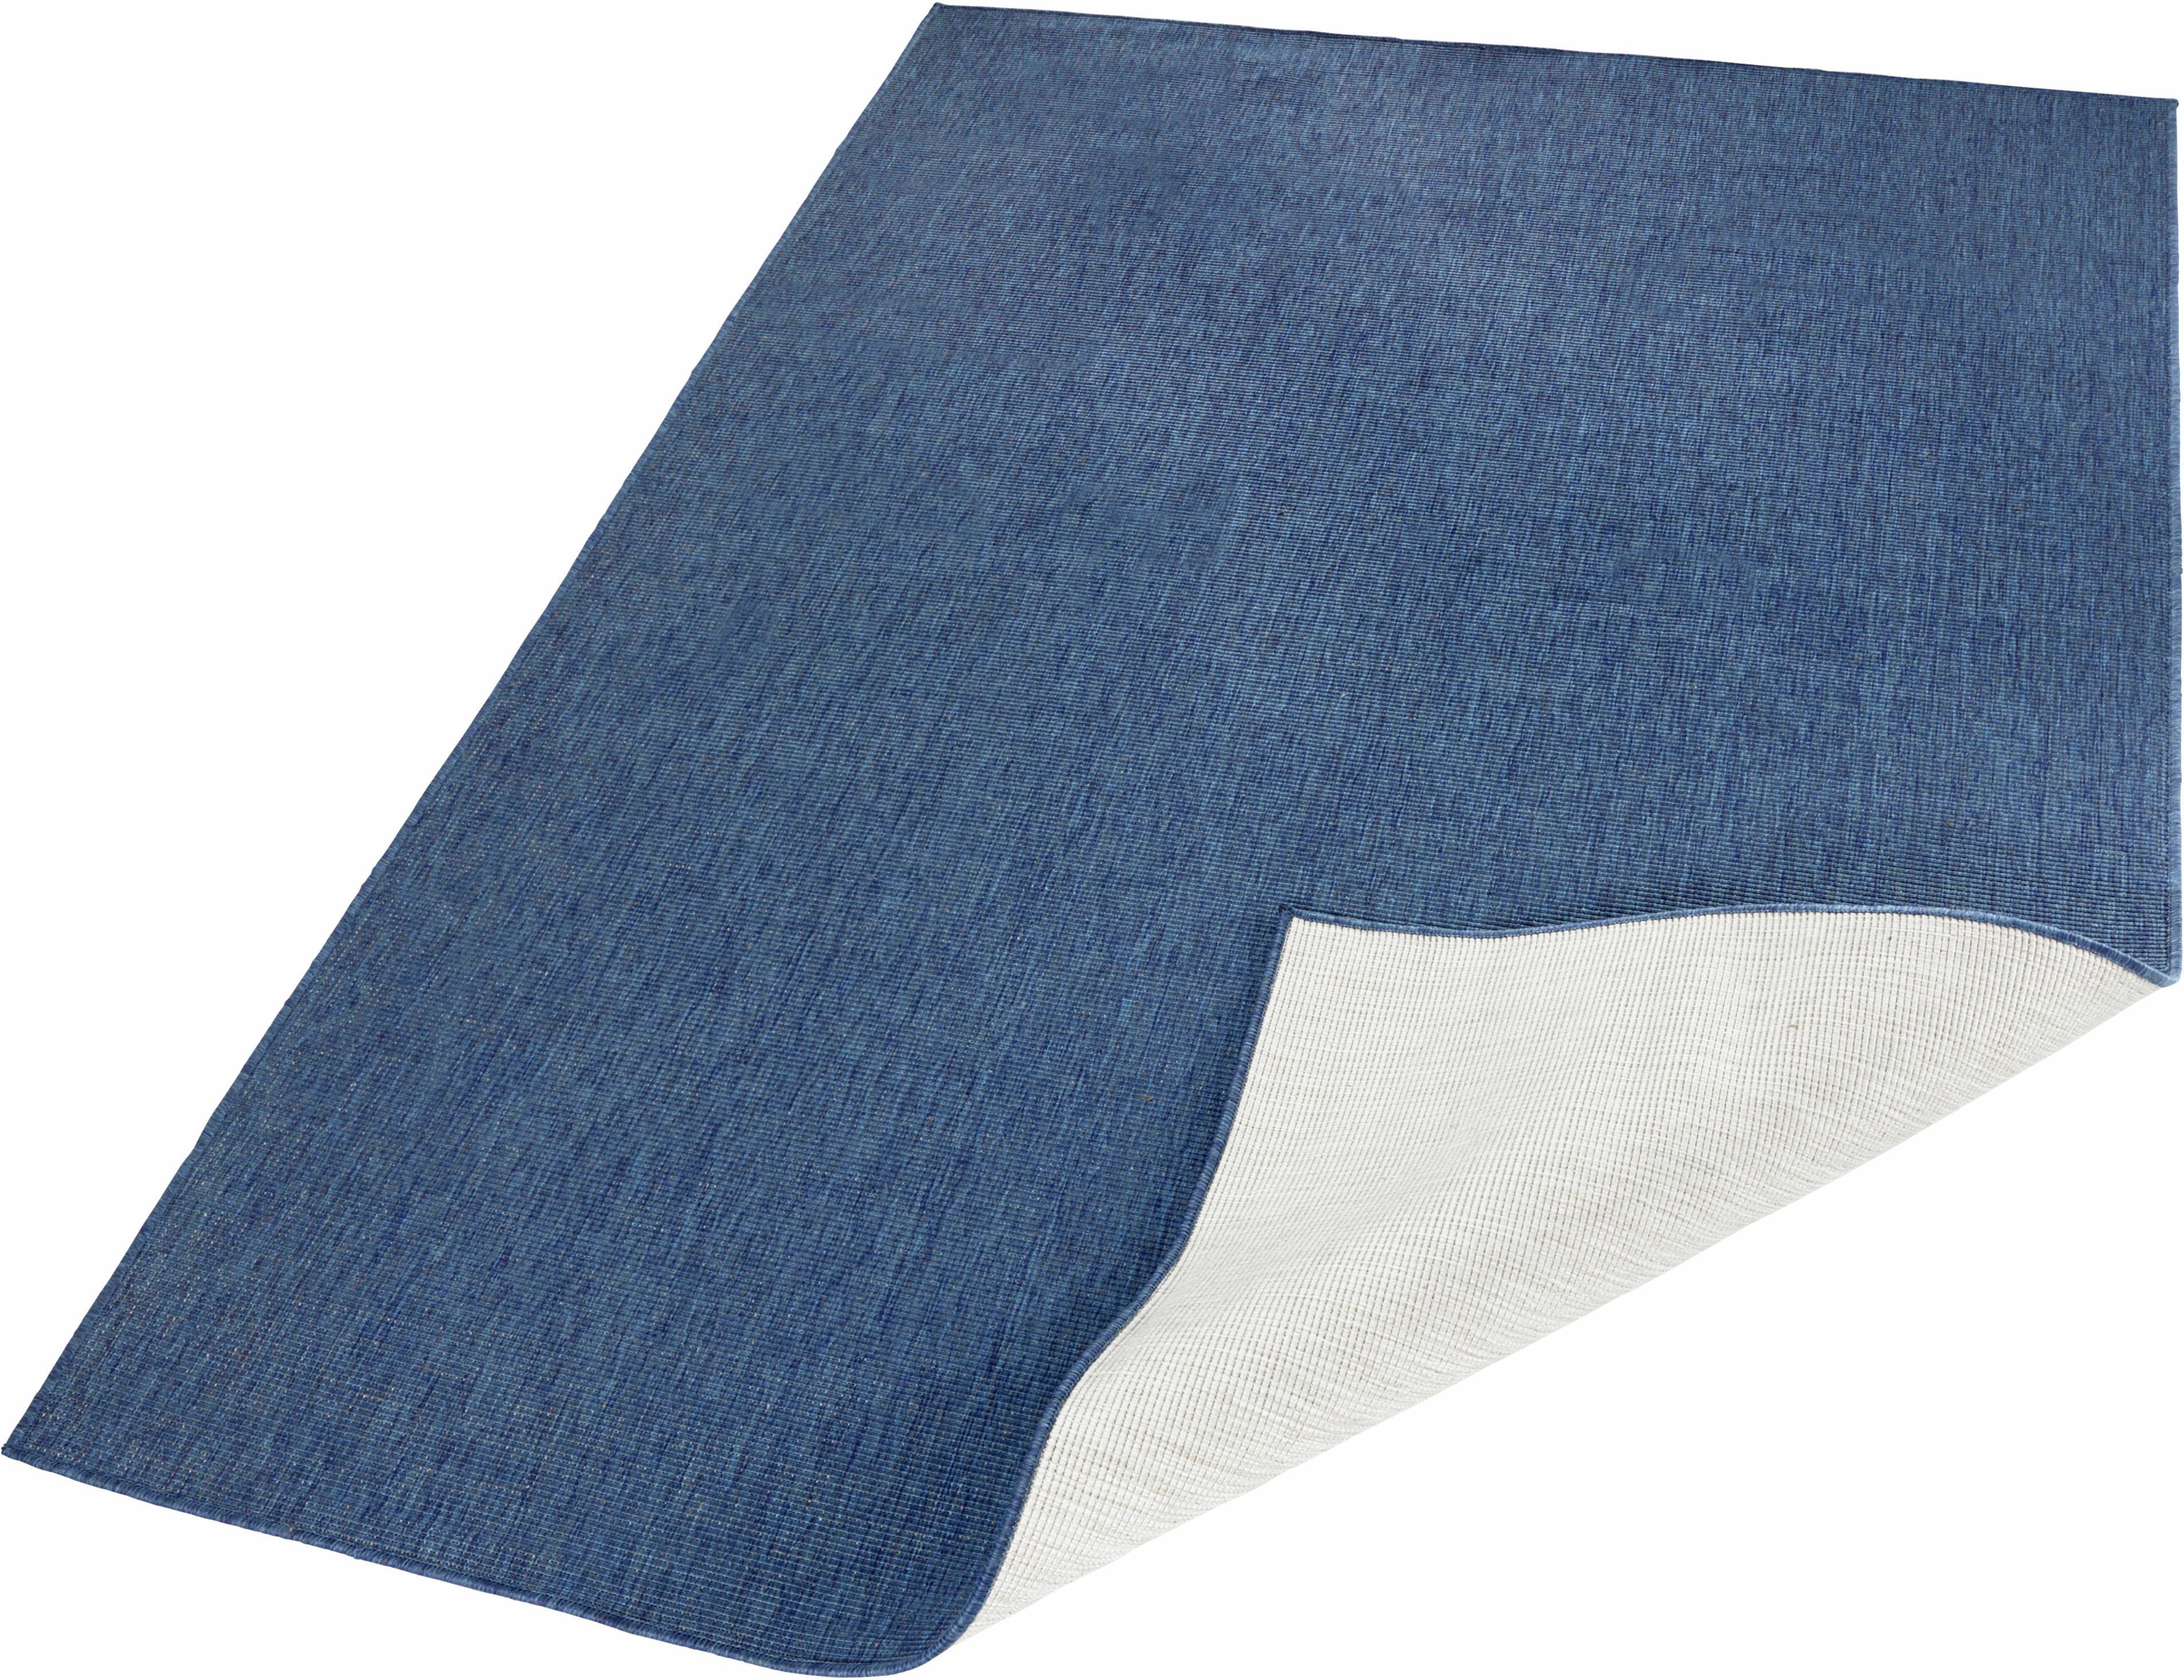 Teppich Miami bougari rechteckig Höhe 5 mm maschinell gewebt